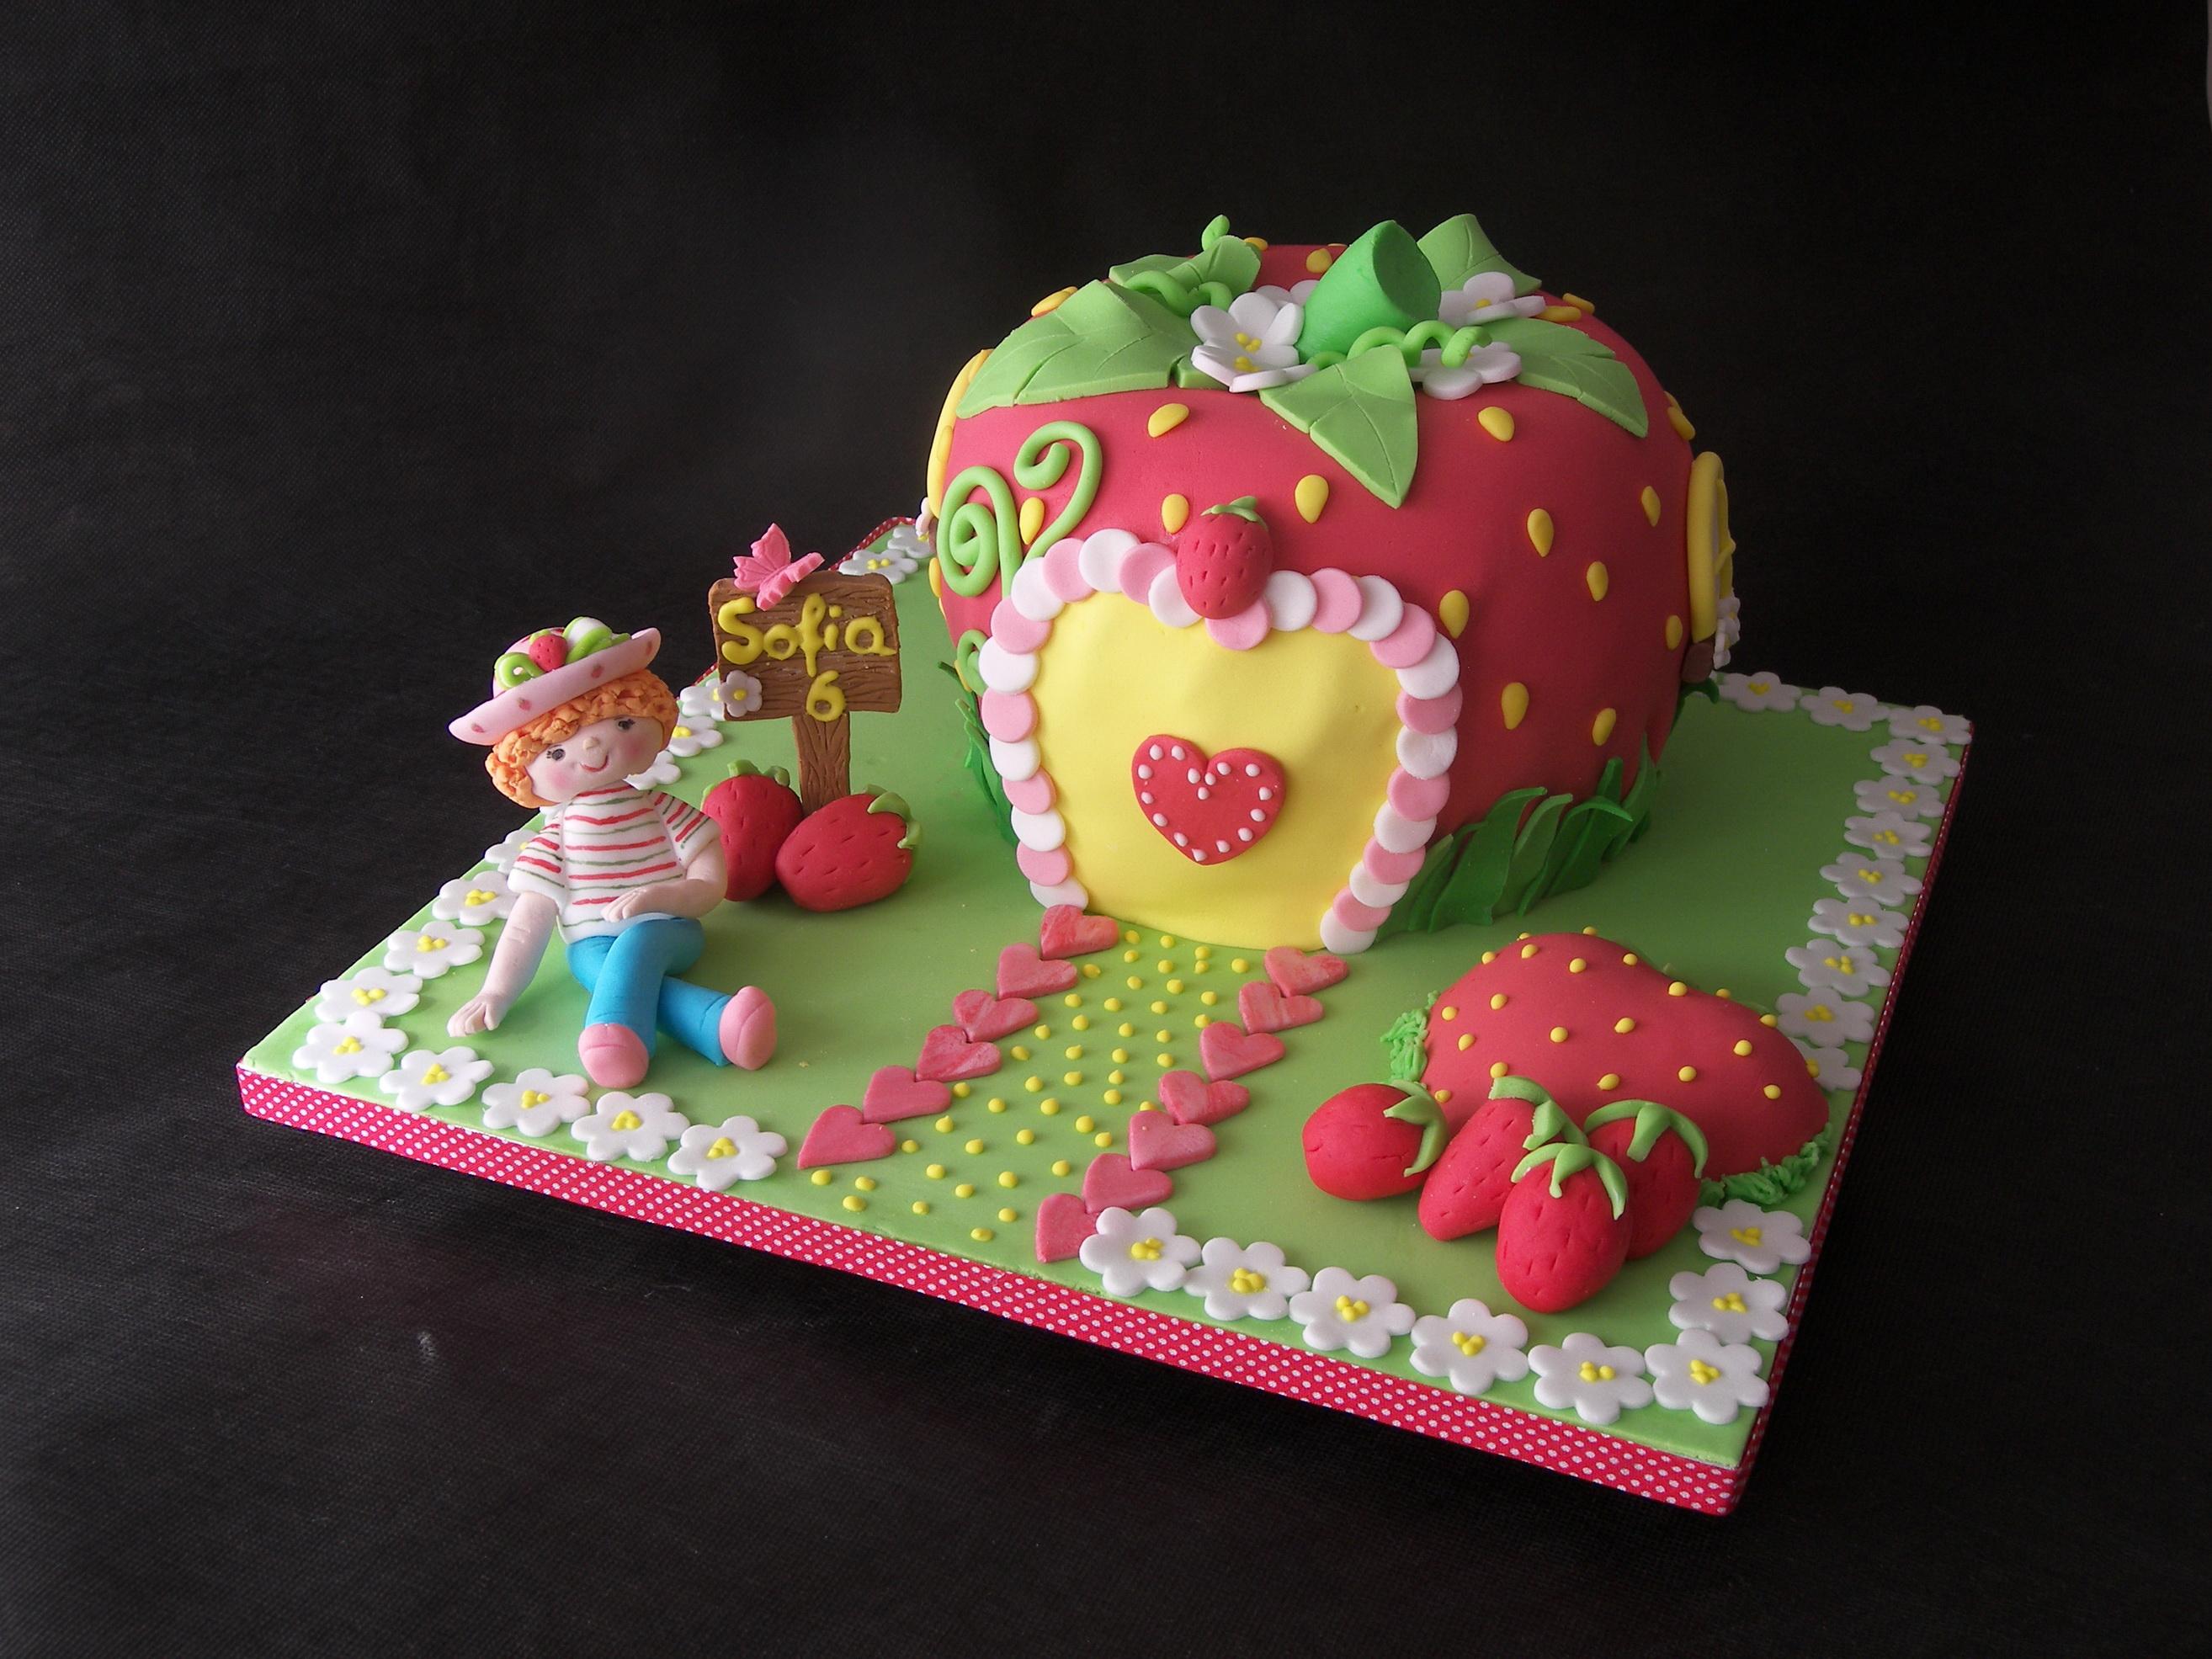 Фотография Торты Продукты питания Сладости Цветной фон 2628x1971 Еда Пища сладкая еда